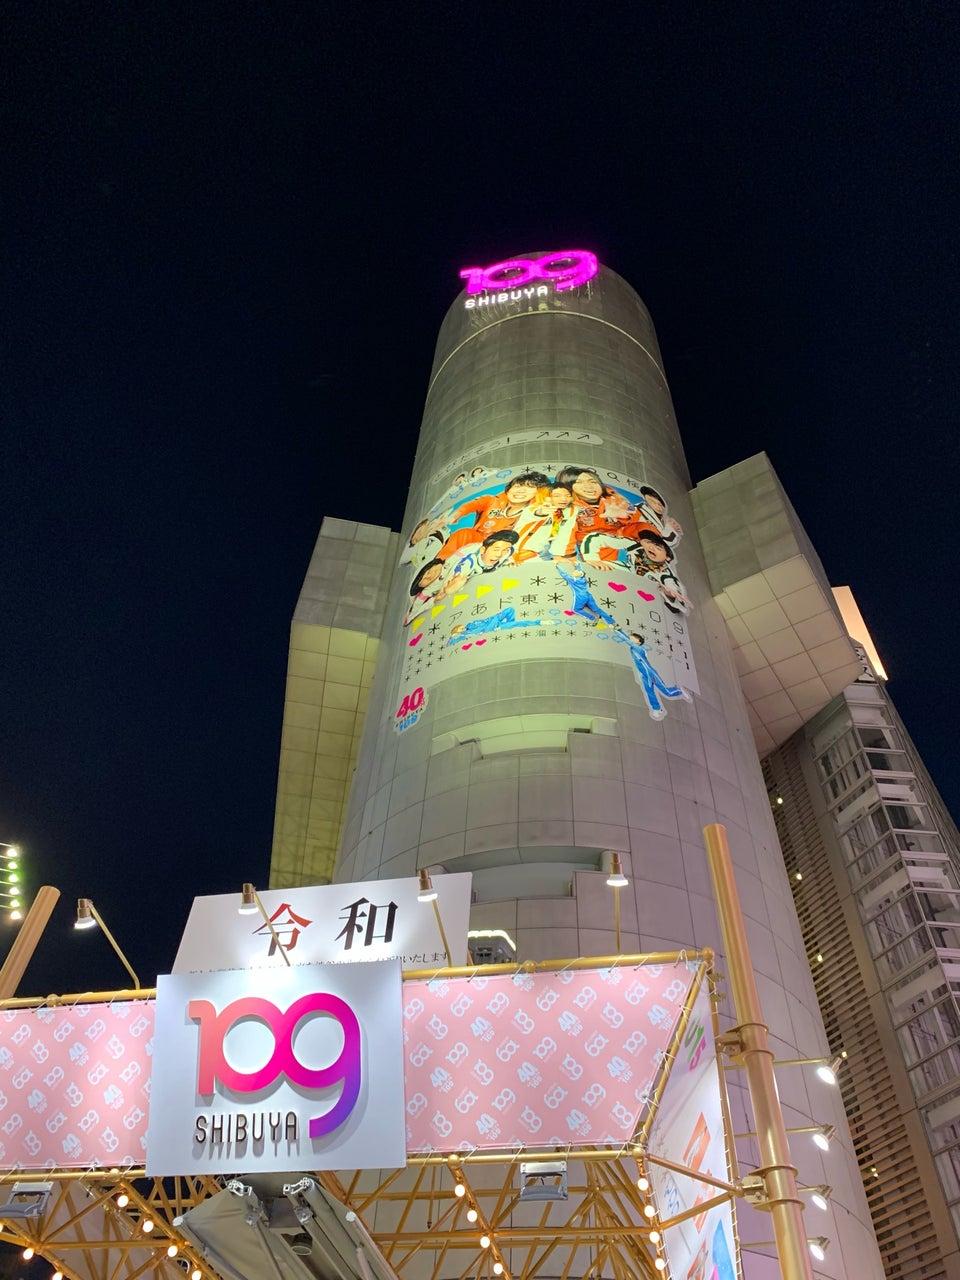 澀谷百貨公司